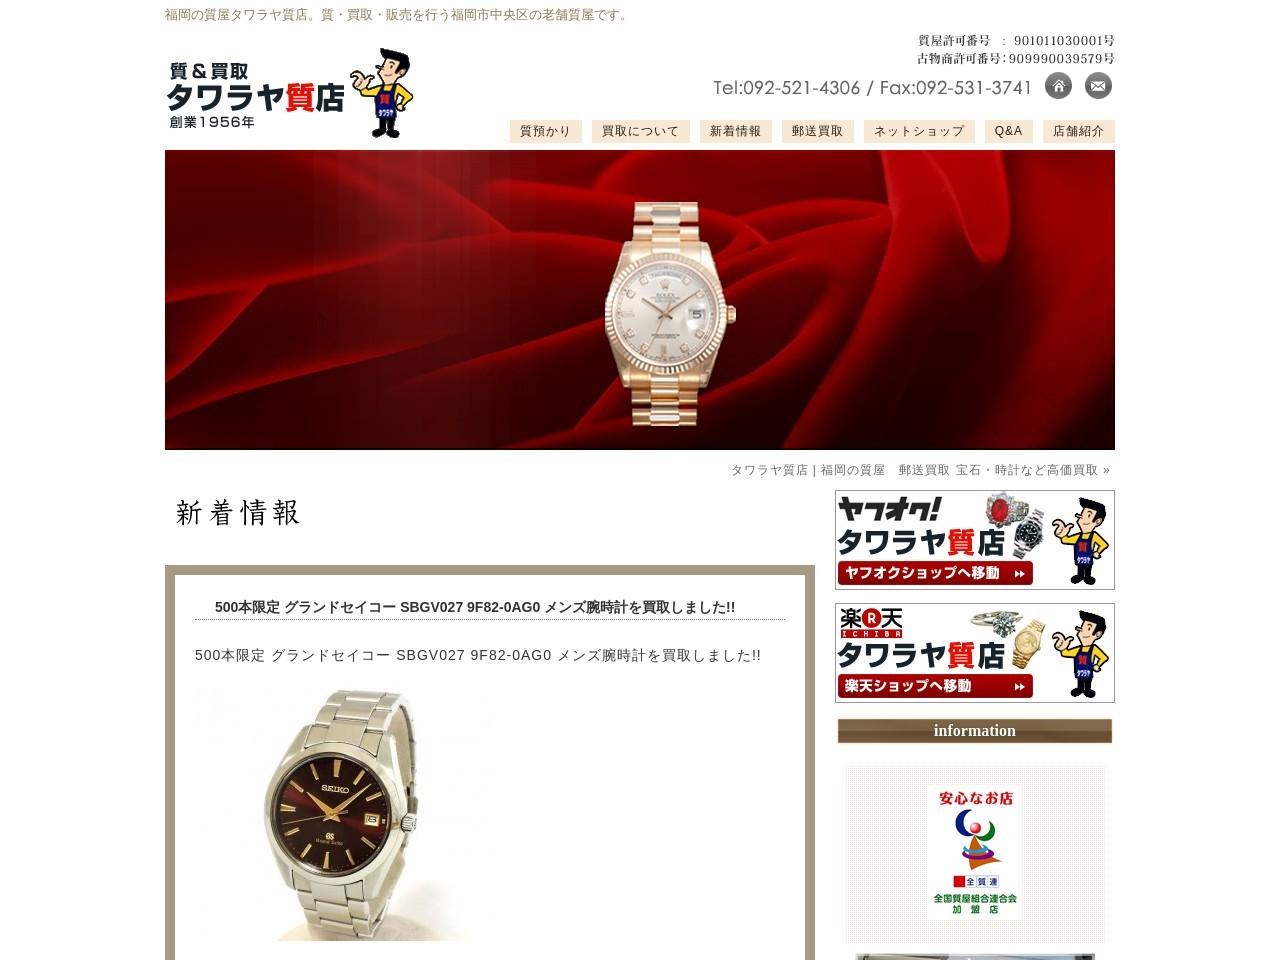 タワラヤ質店 | 福岡の質屋 郵送買取 宝石・時計など高価買取 | ページが見つかりませんでした